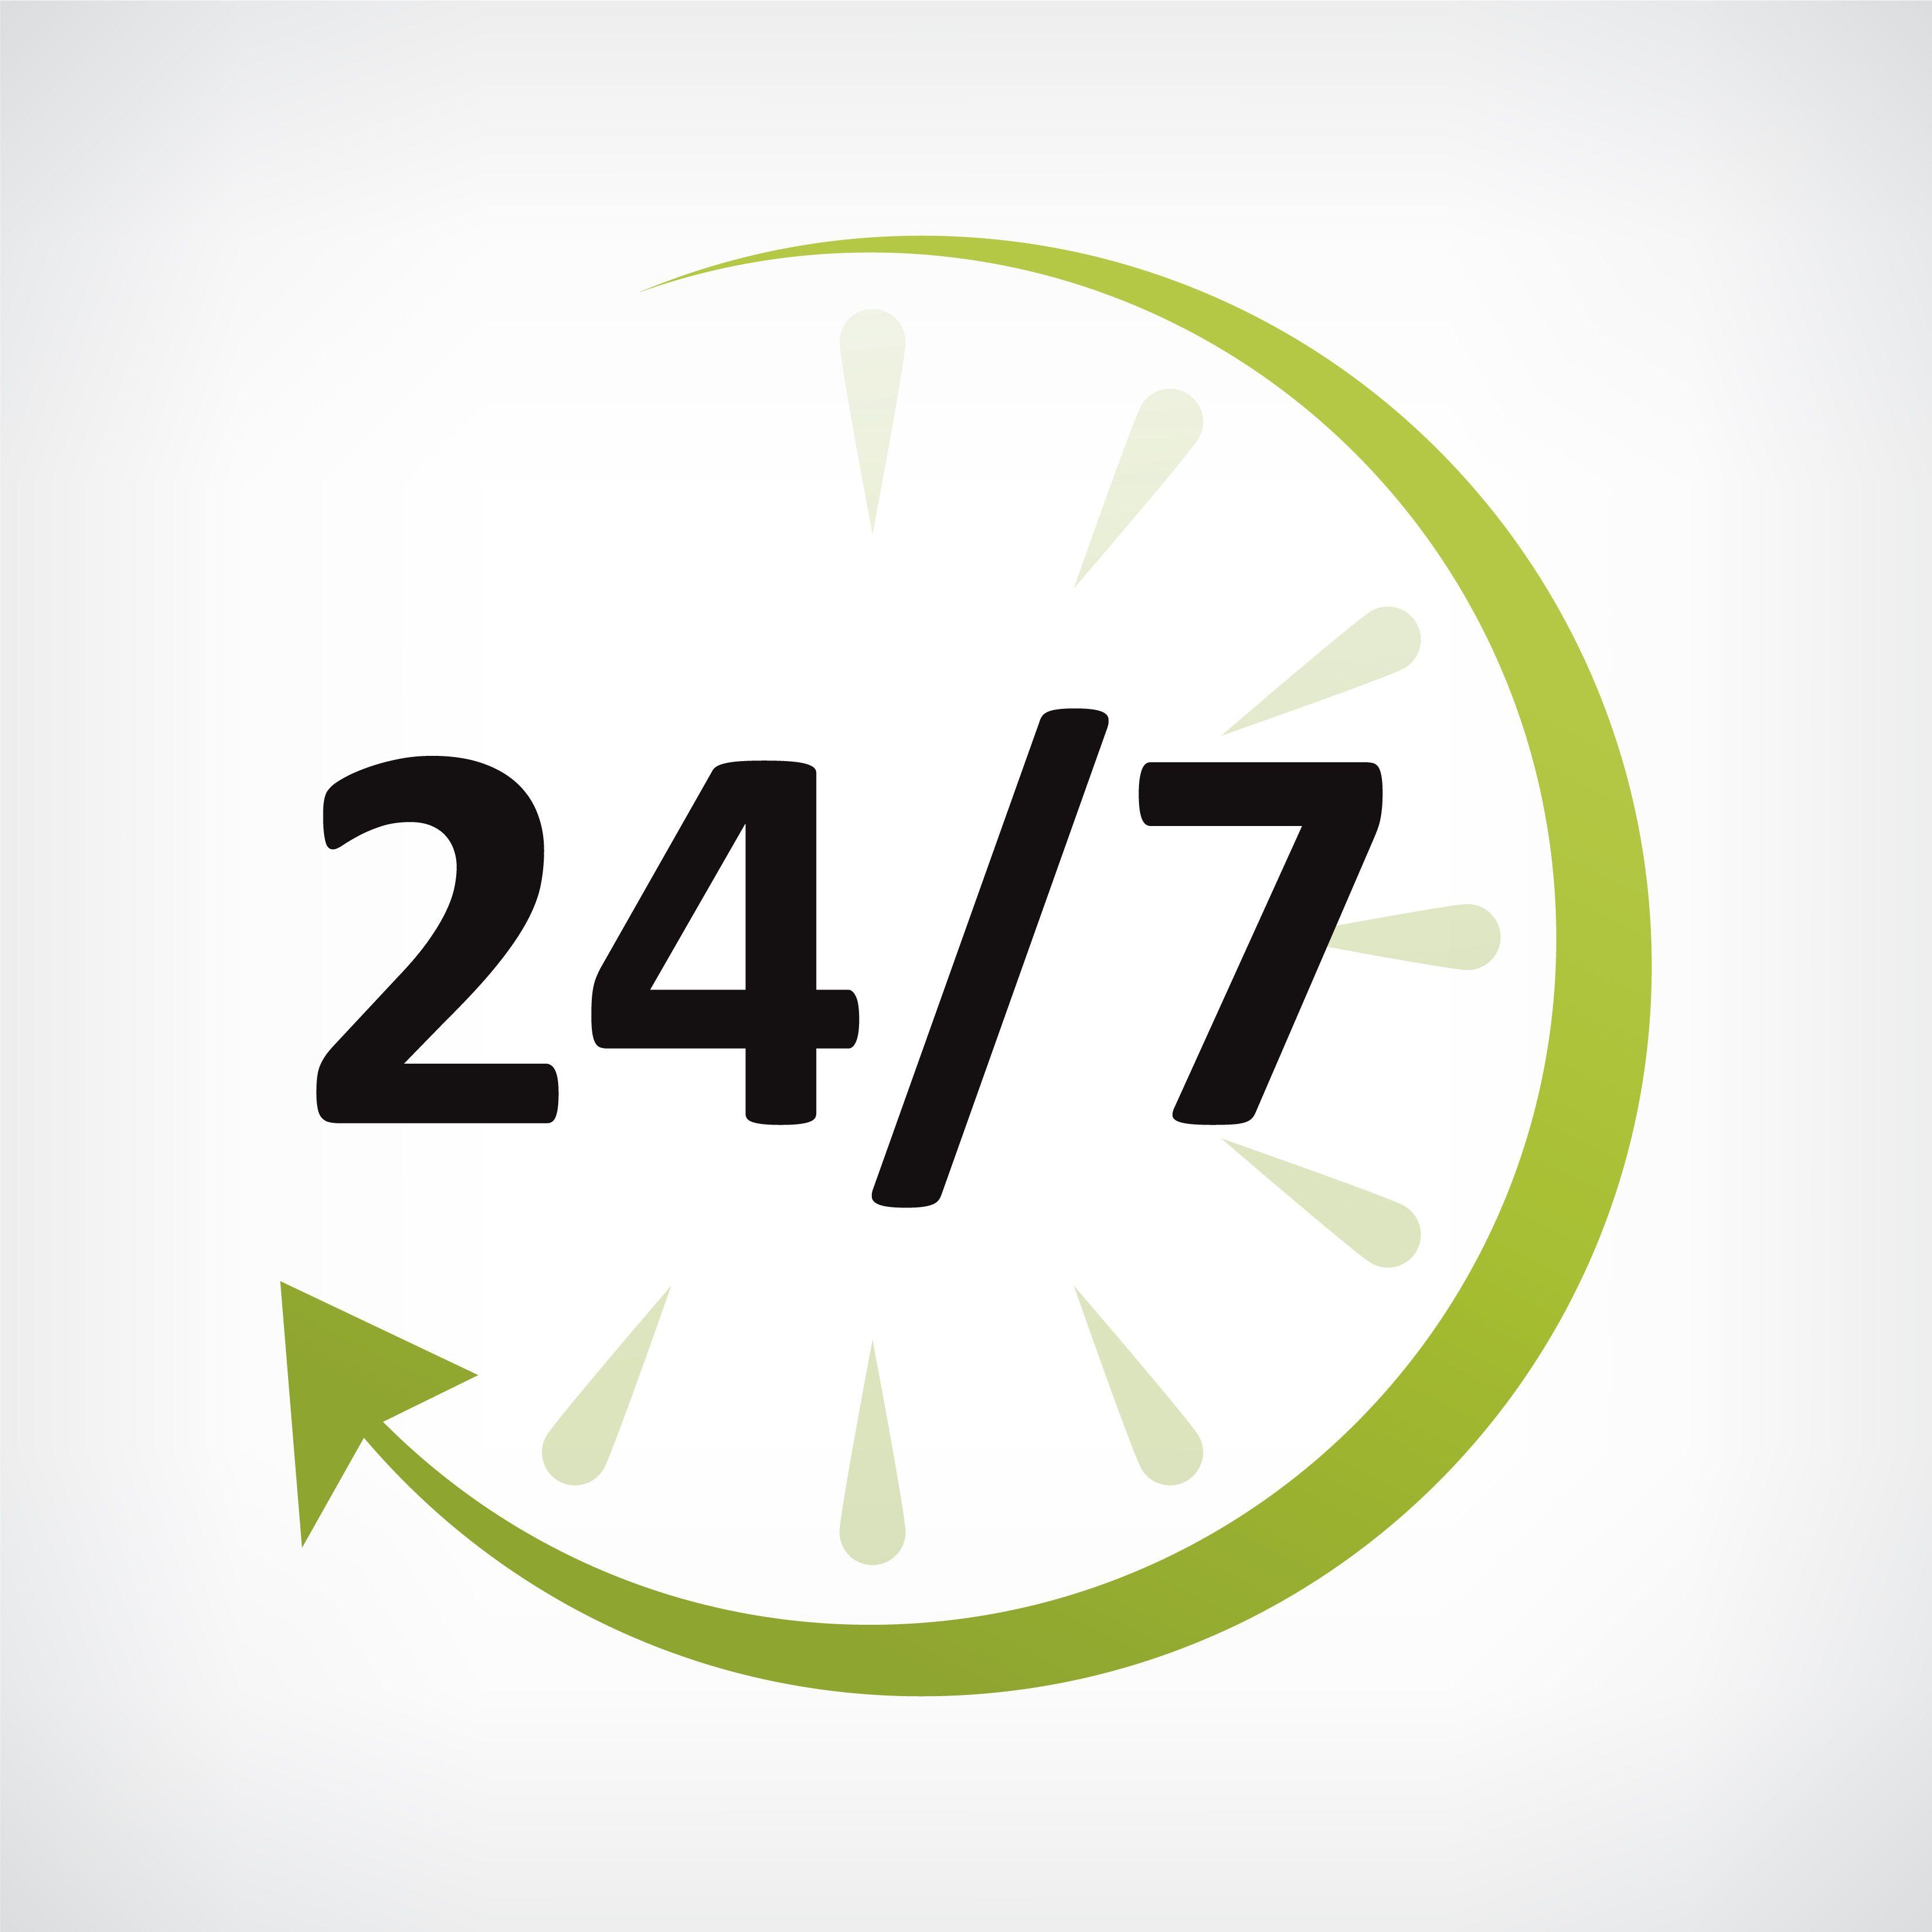 ¡Desatascos 24 horas!: Servicios de Maher Soluciones Express